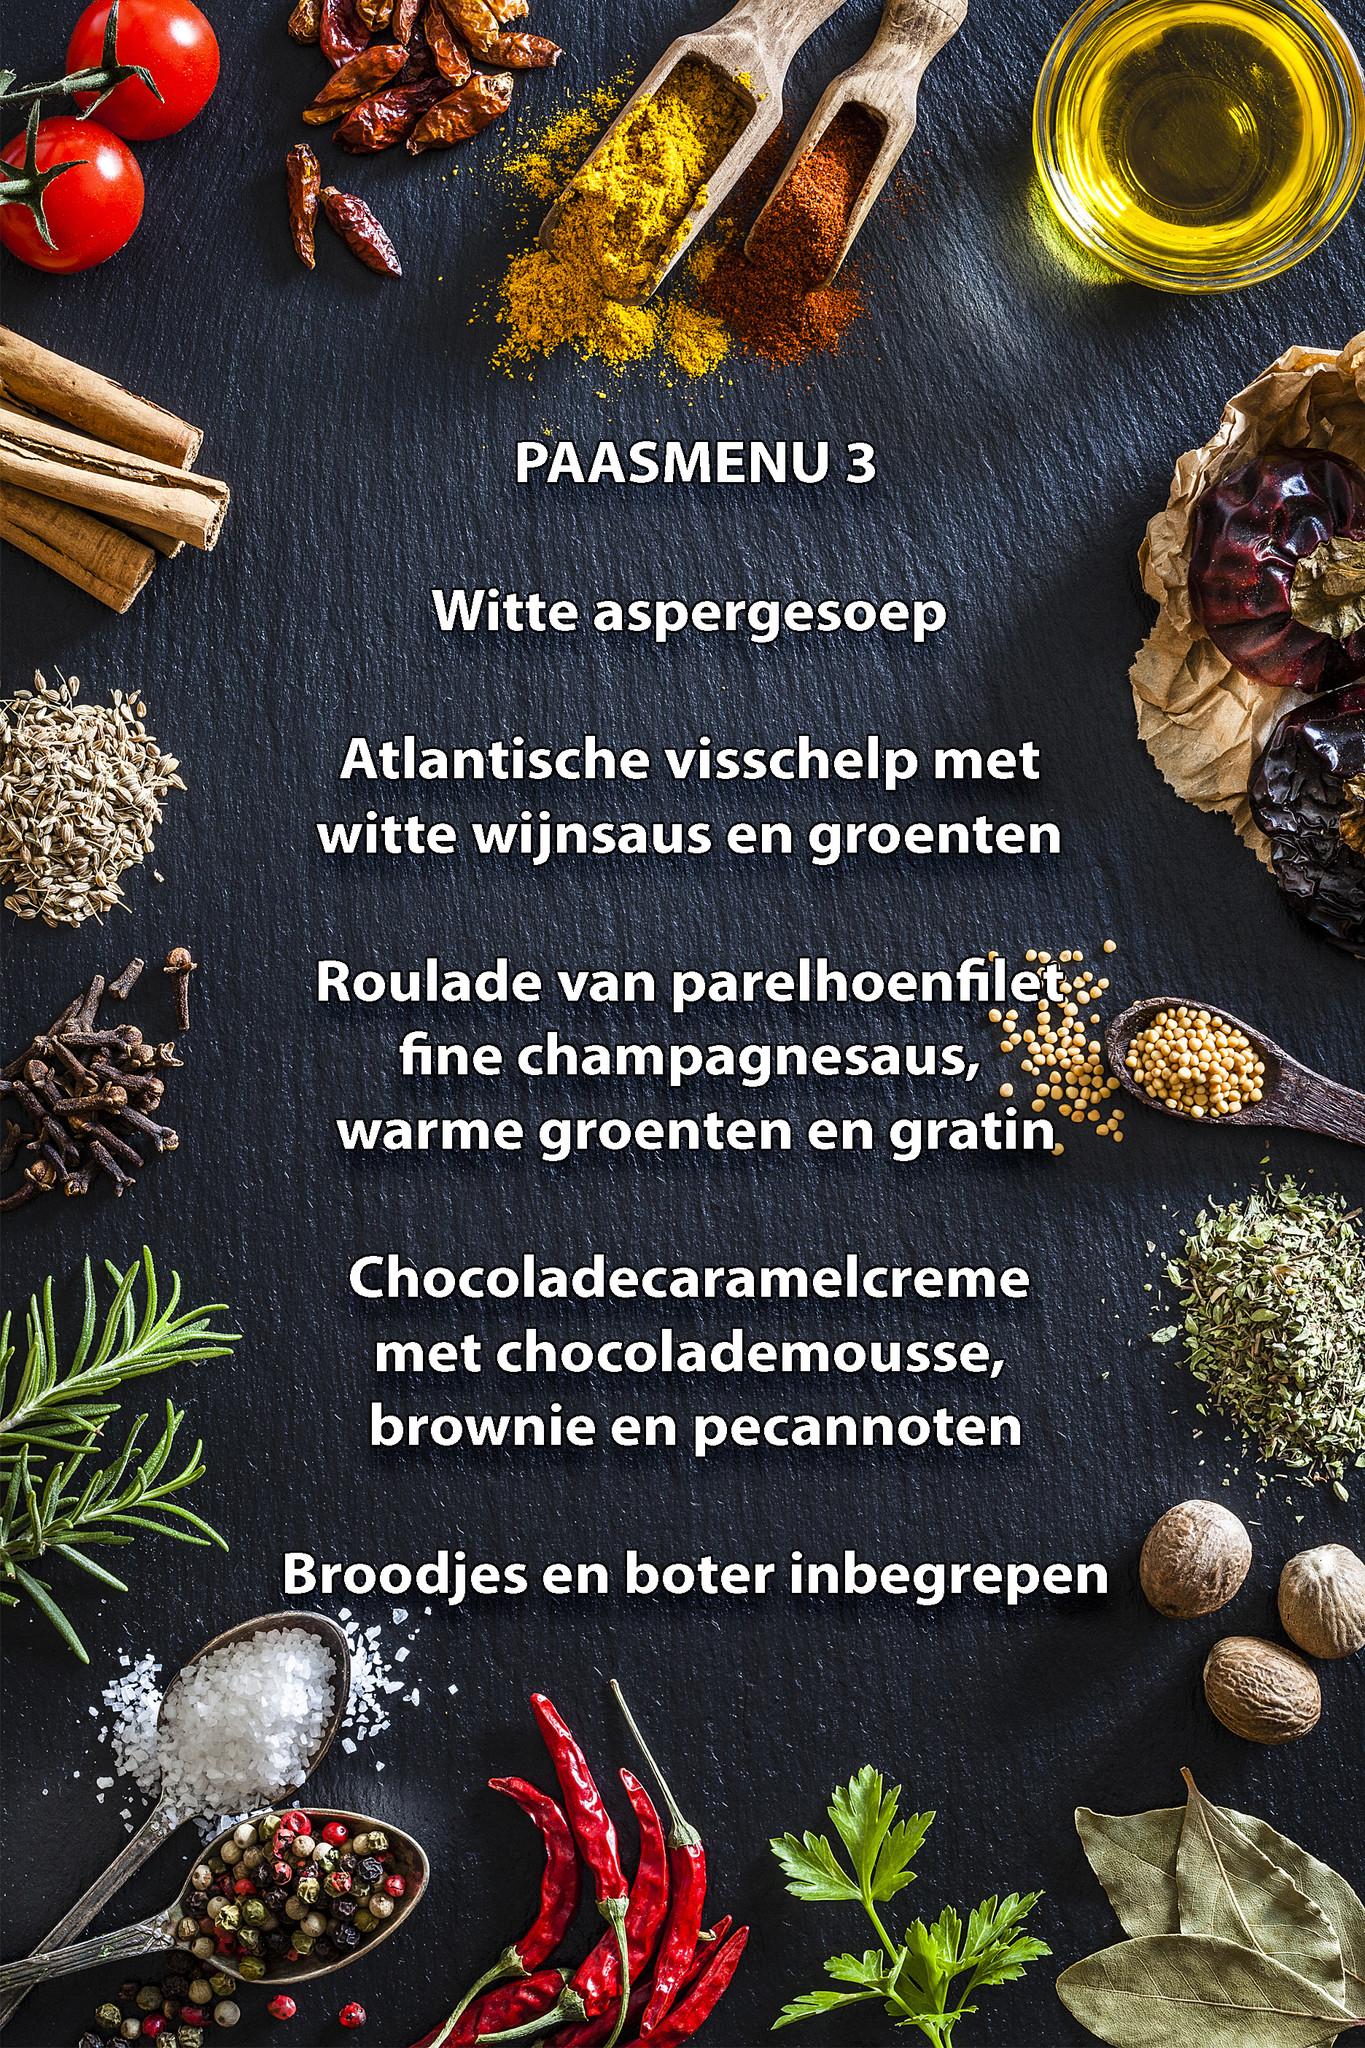 Paas menu 3-1